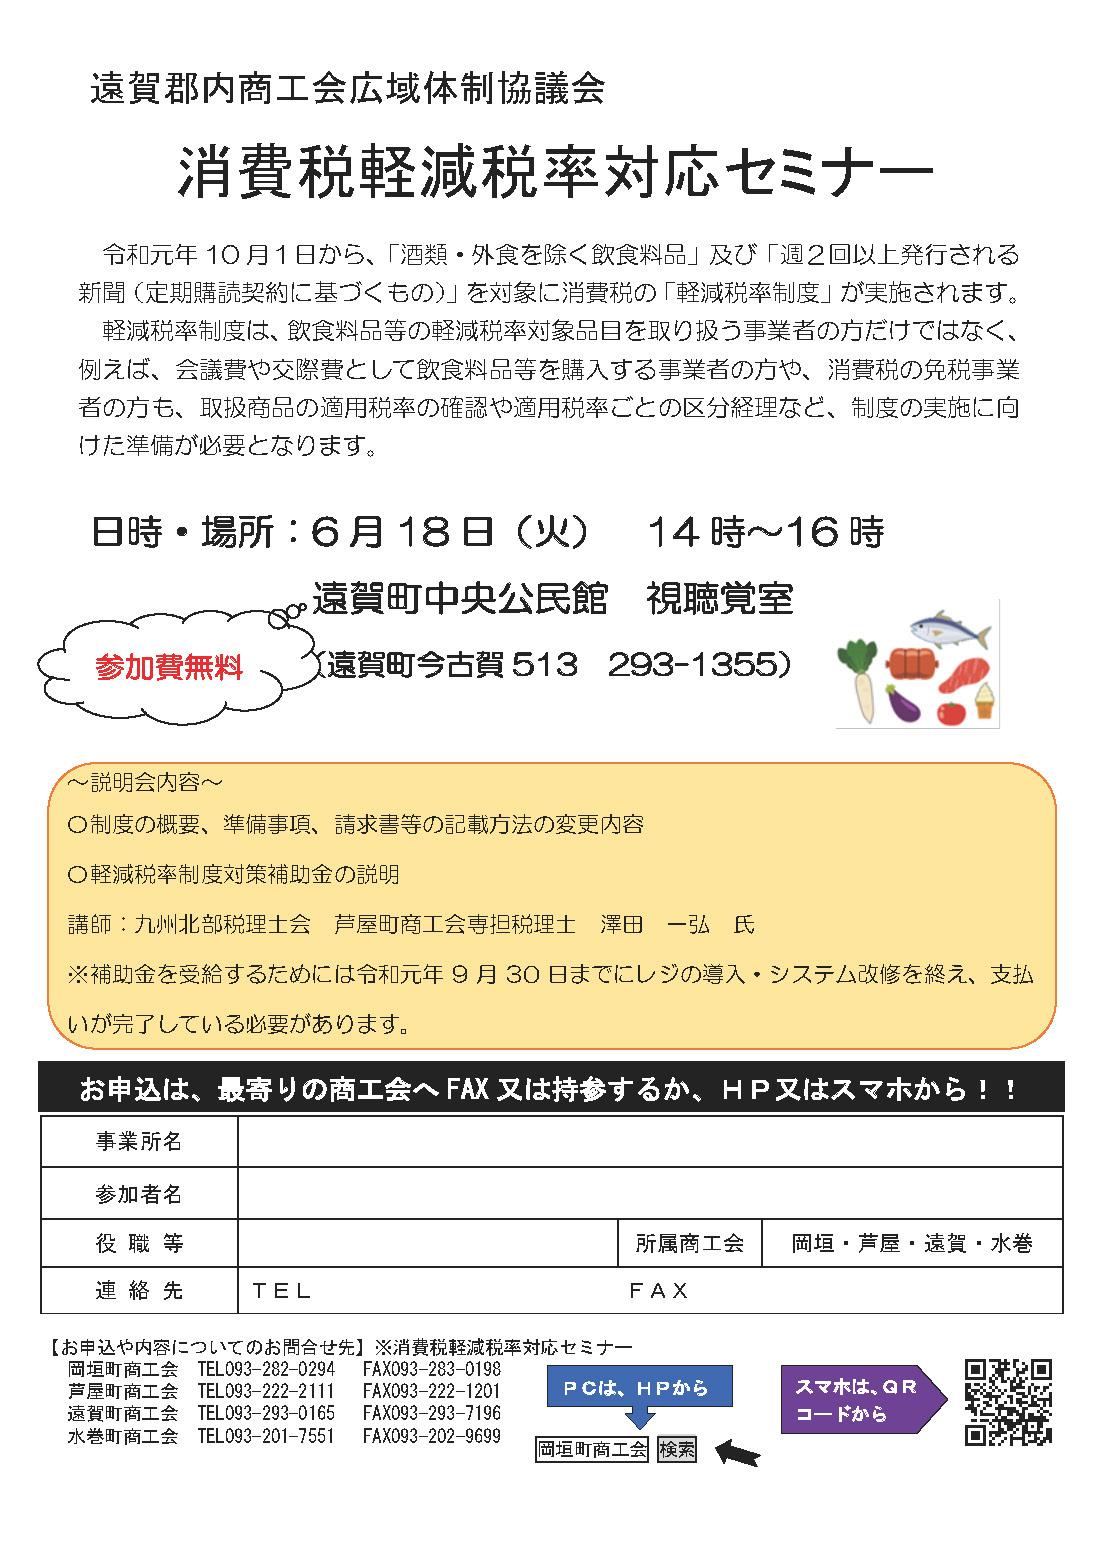 syohizei0618